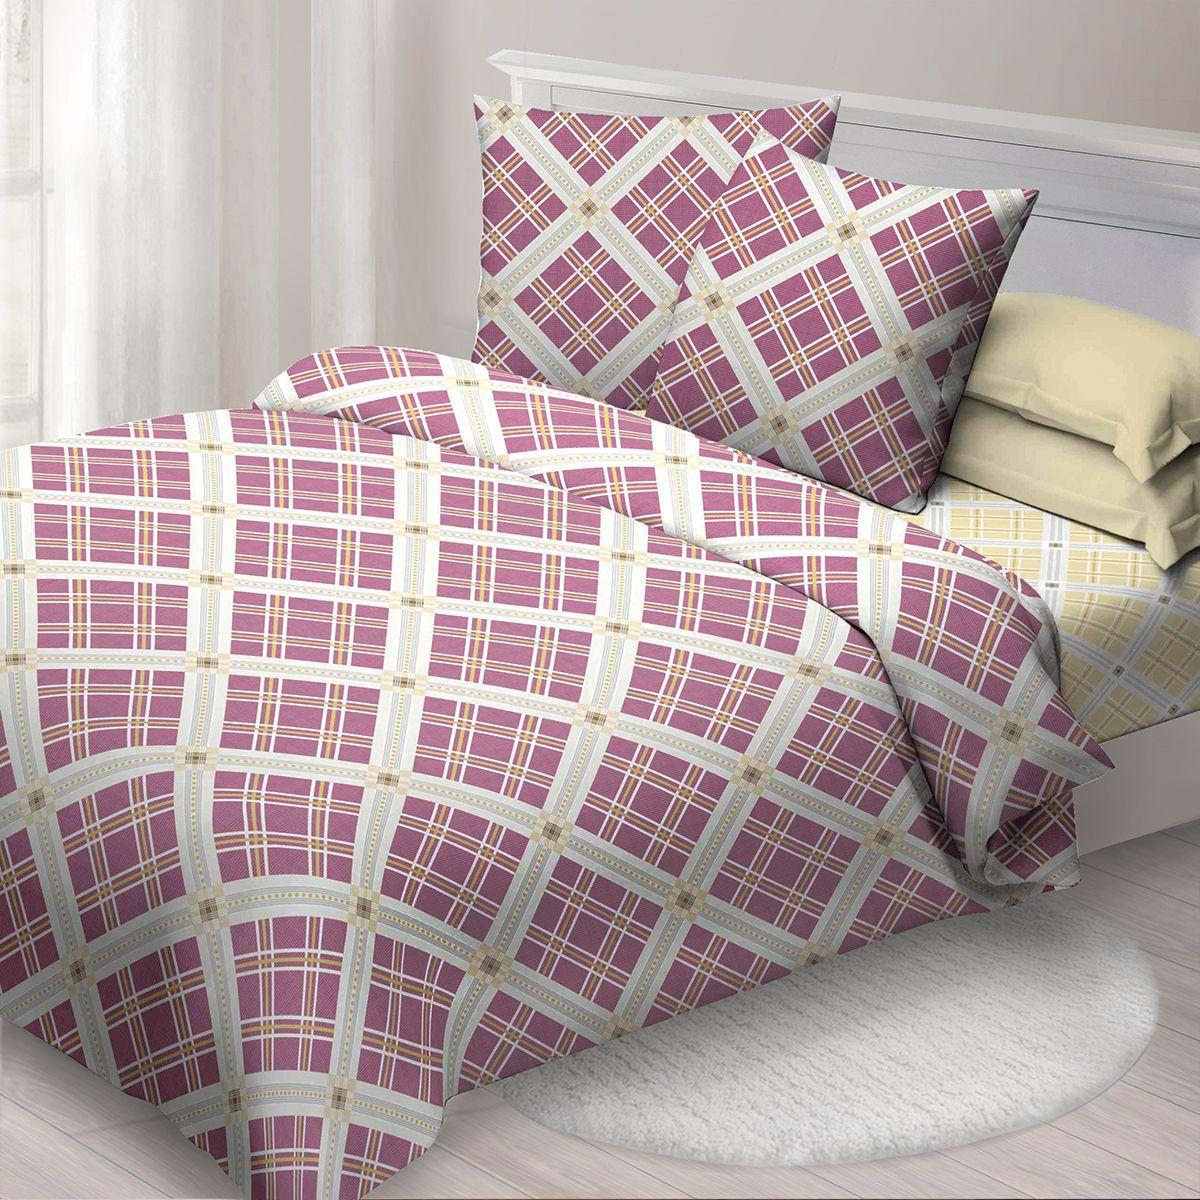 Комплект белья Спал Спалыч Ромбы, евро, наволочки 70x70, цвет: бордовый. 4090-285087